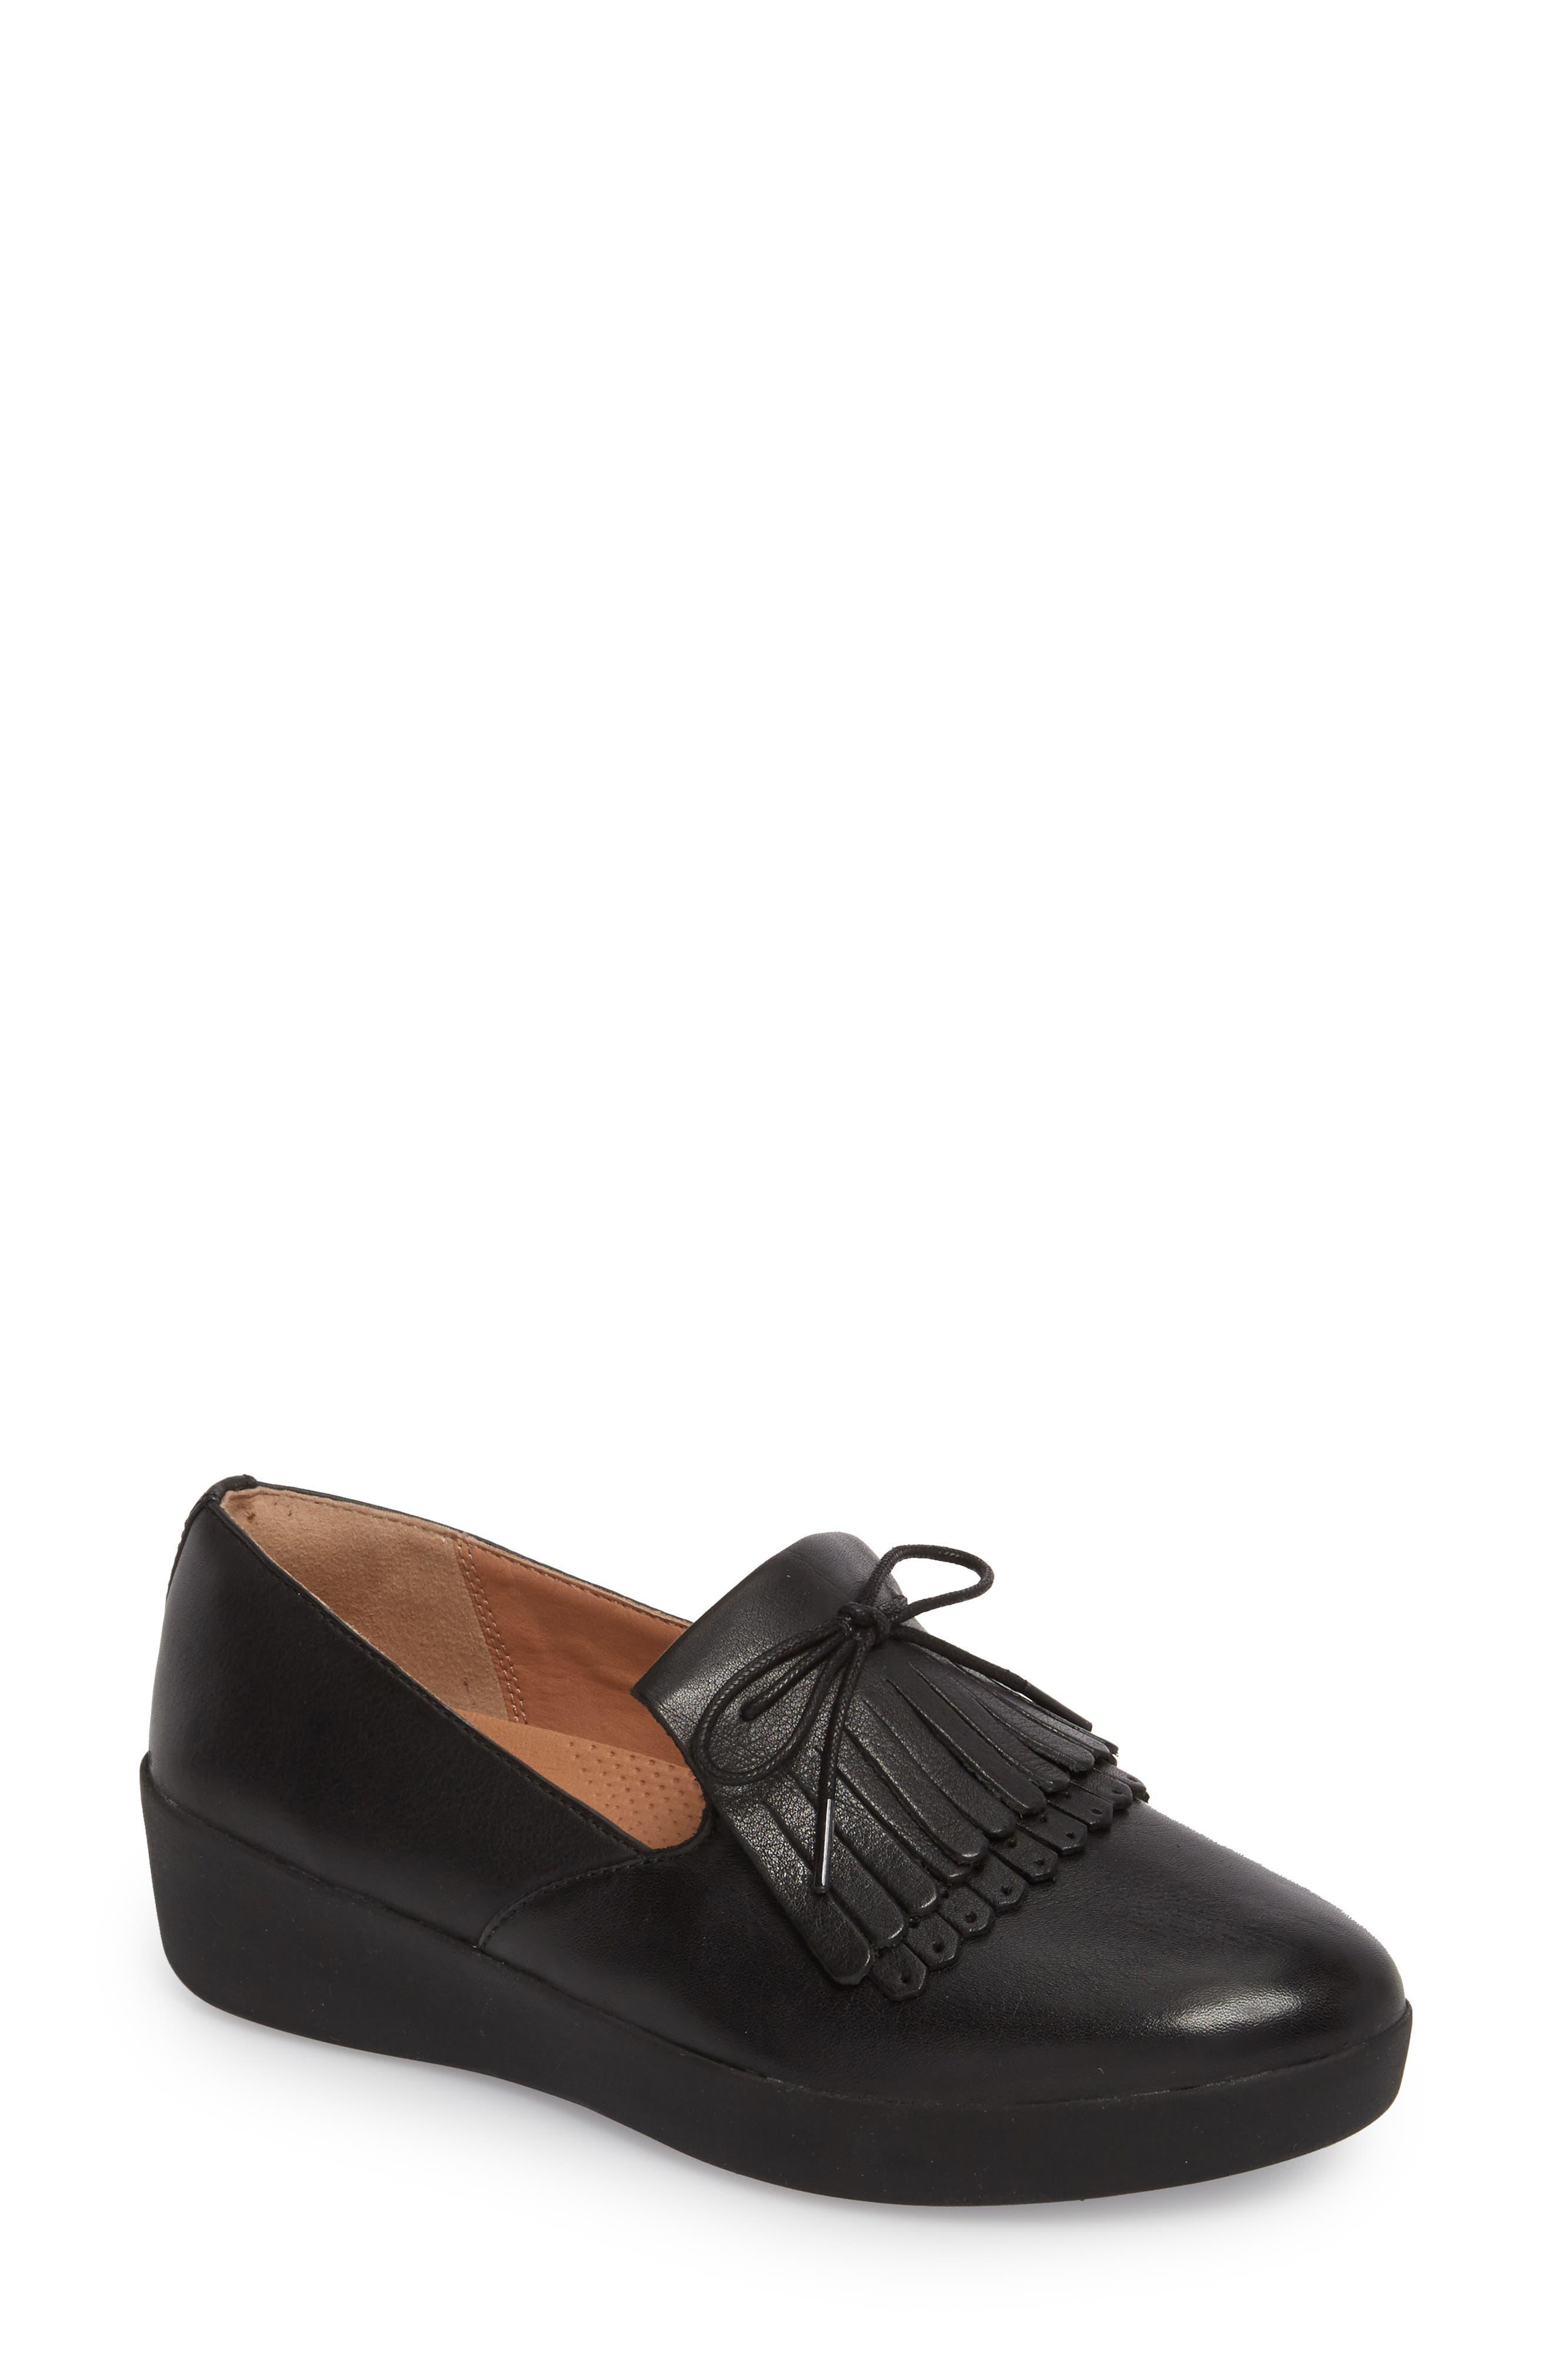 Superskate Fringe Loafer,                         Main,                         color, Black